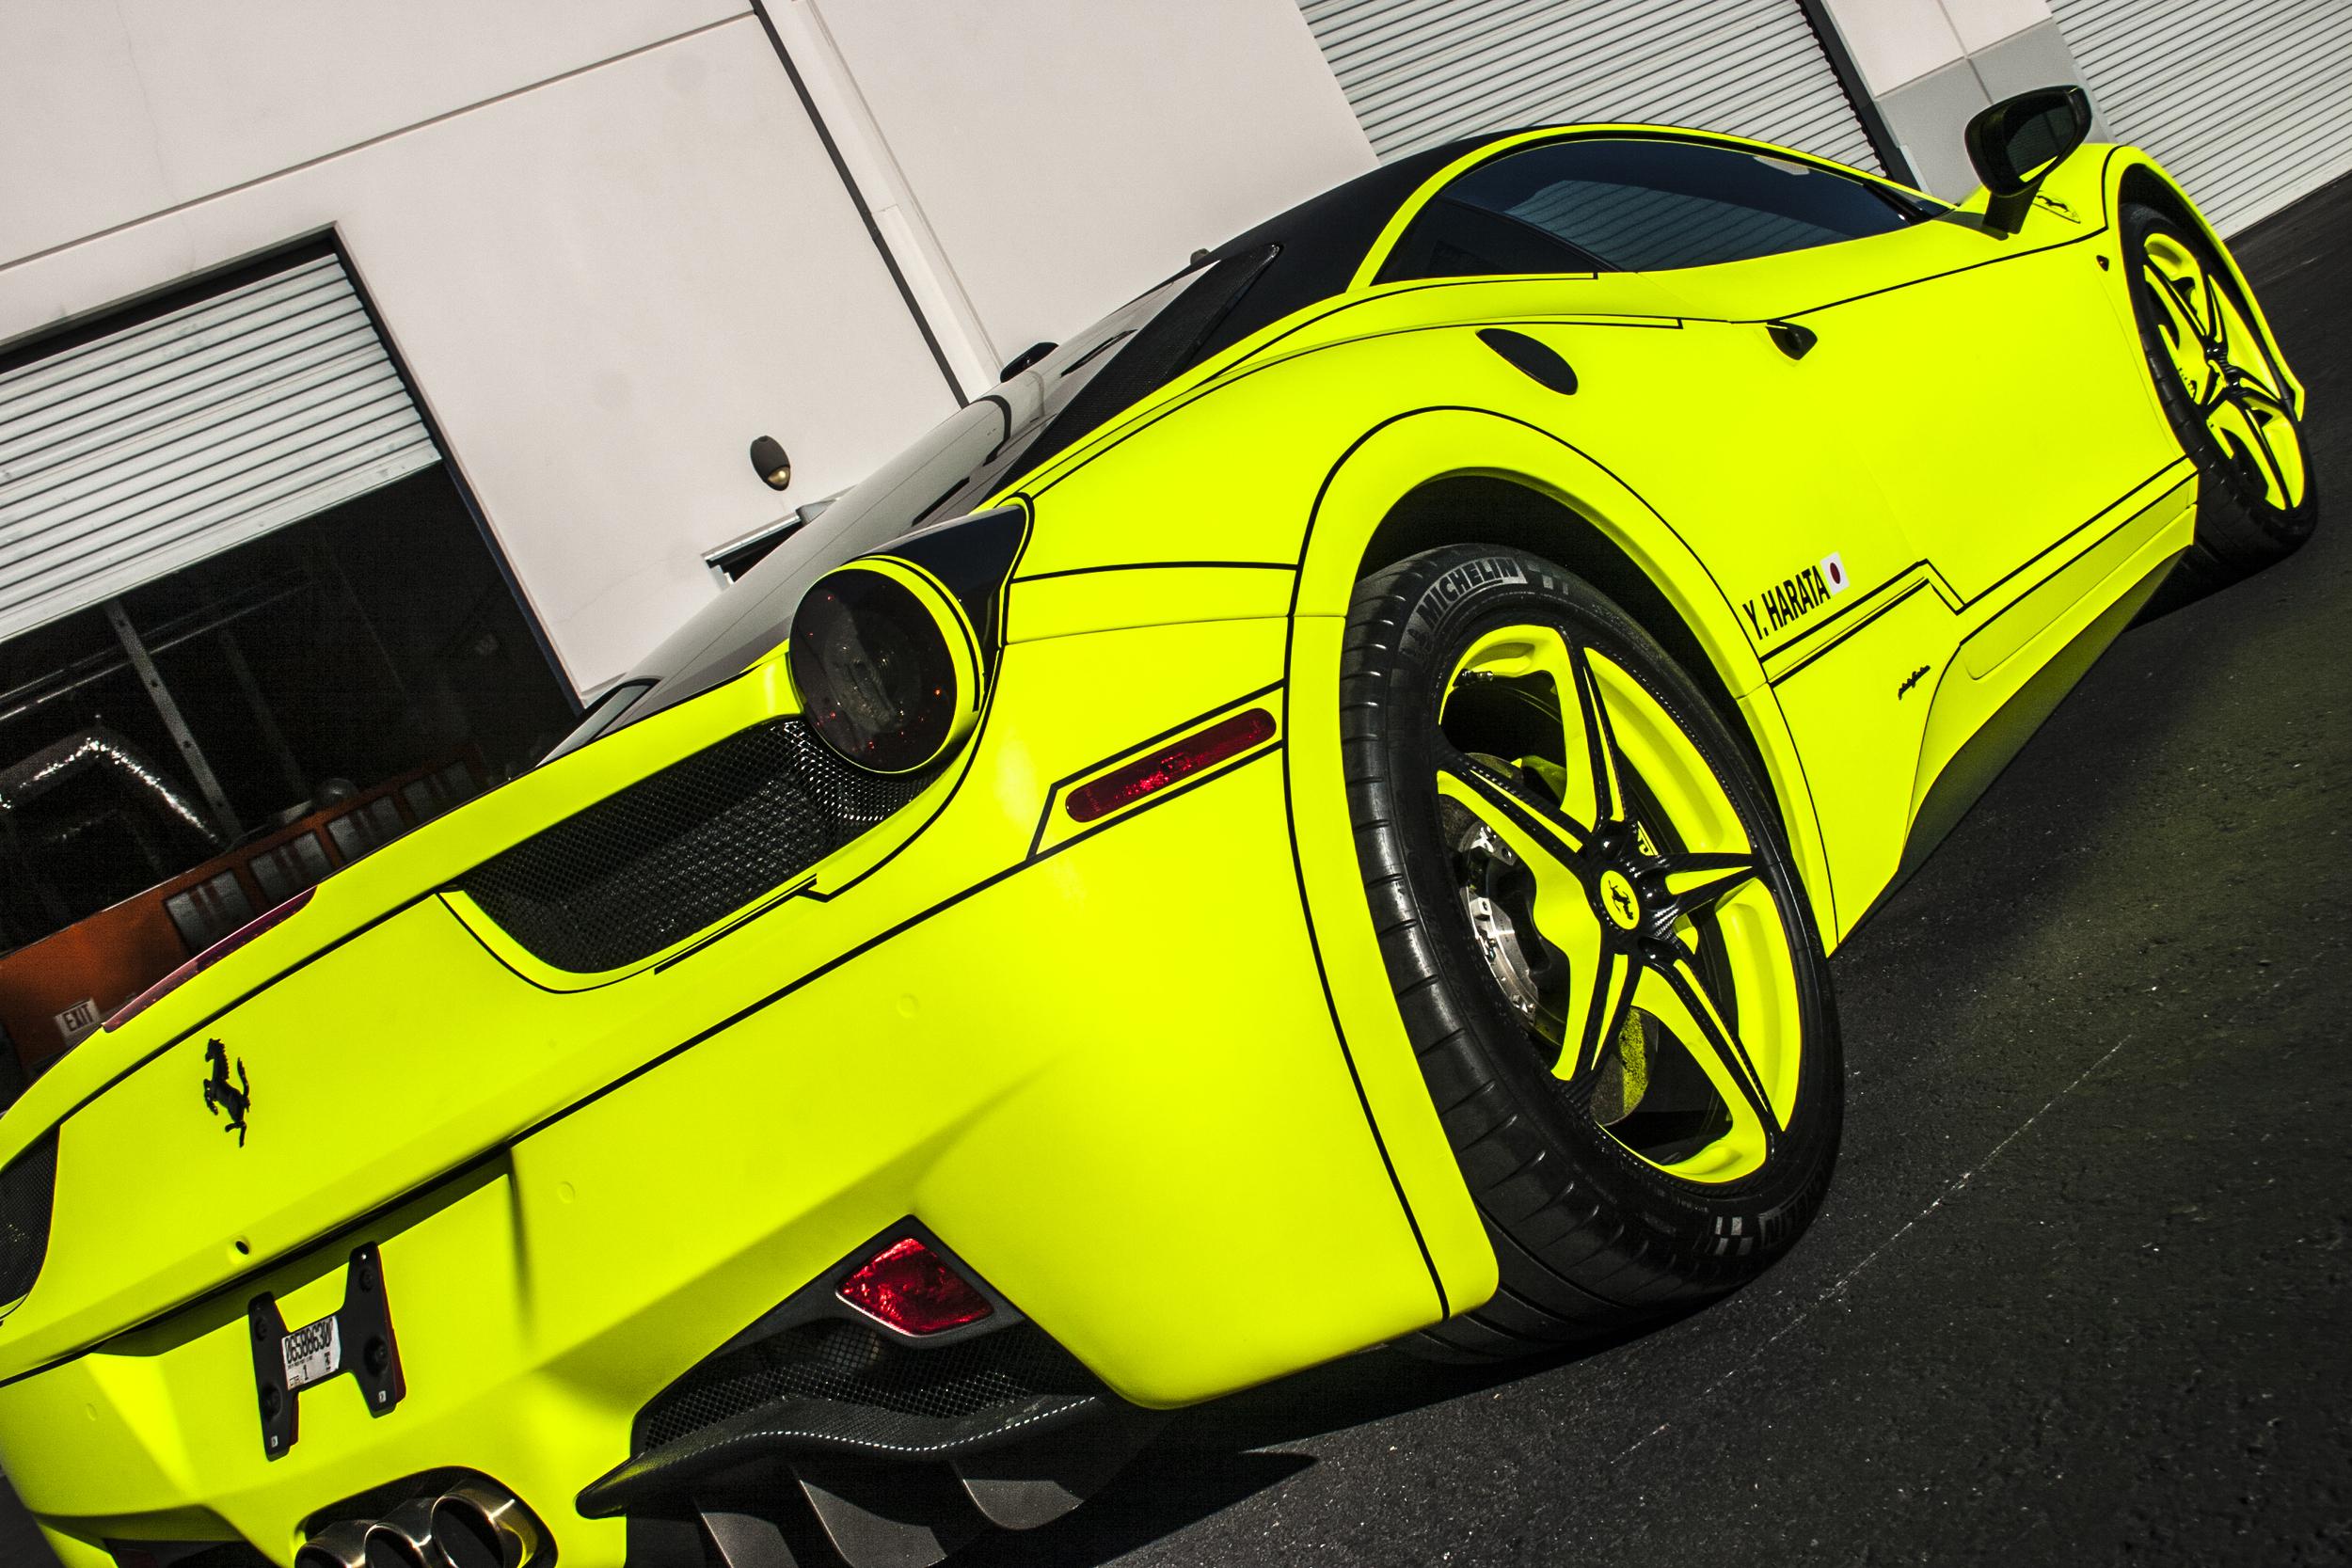 Ferrari 458 Italia , Matte Hi,Liter Yellow \u2014 Incognito Wraps